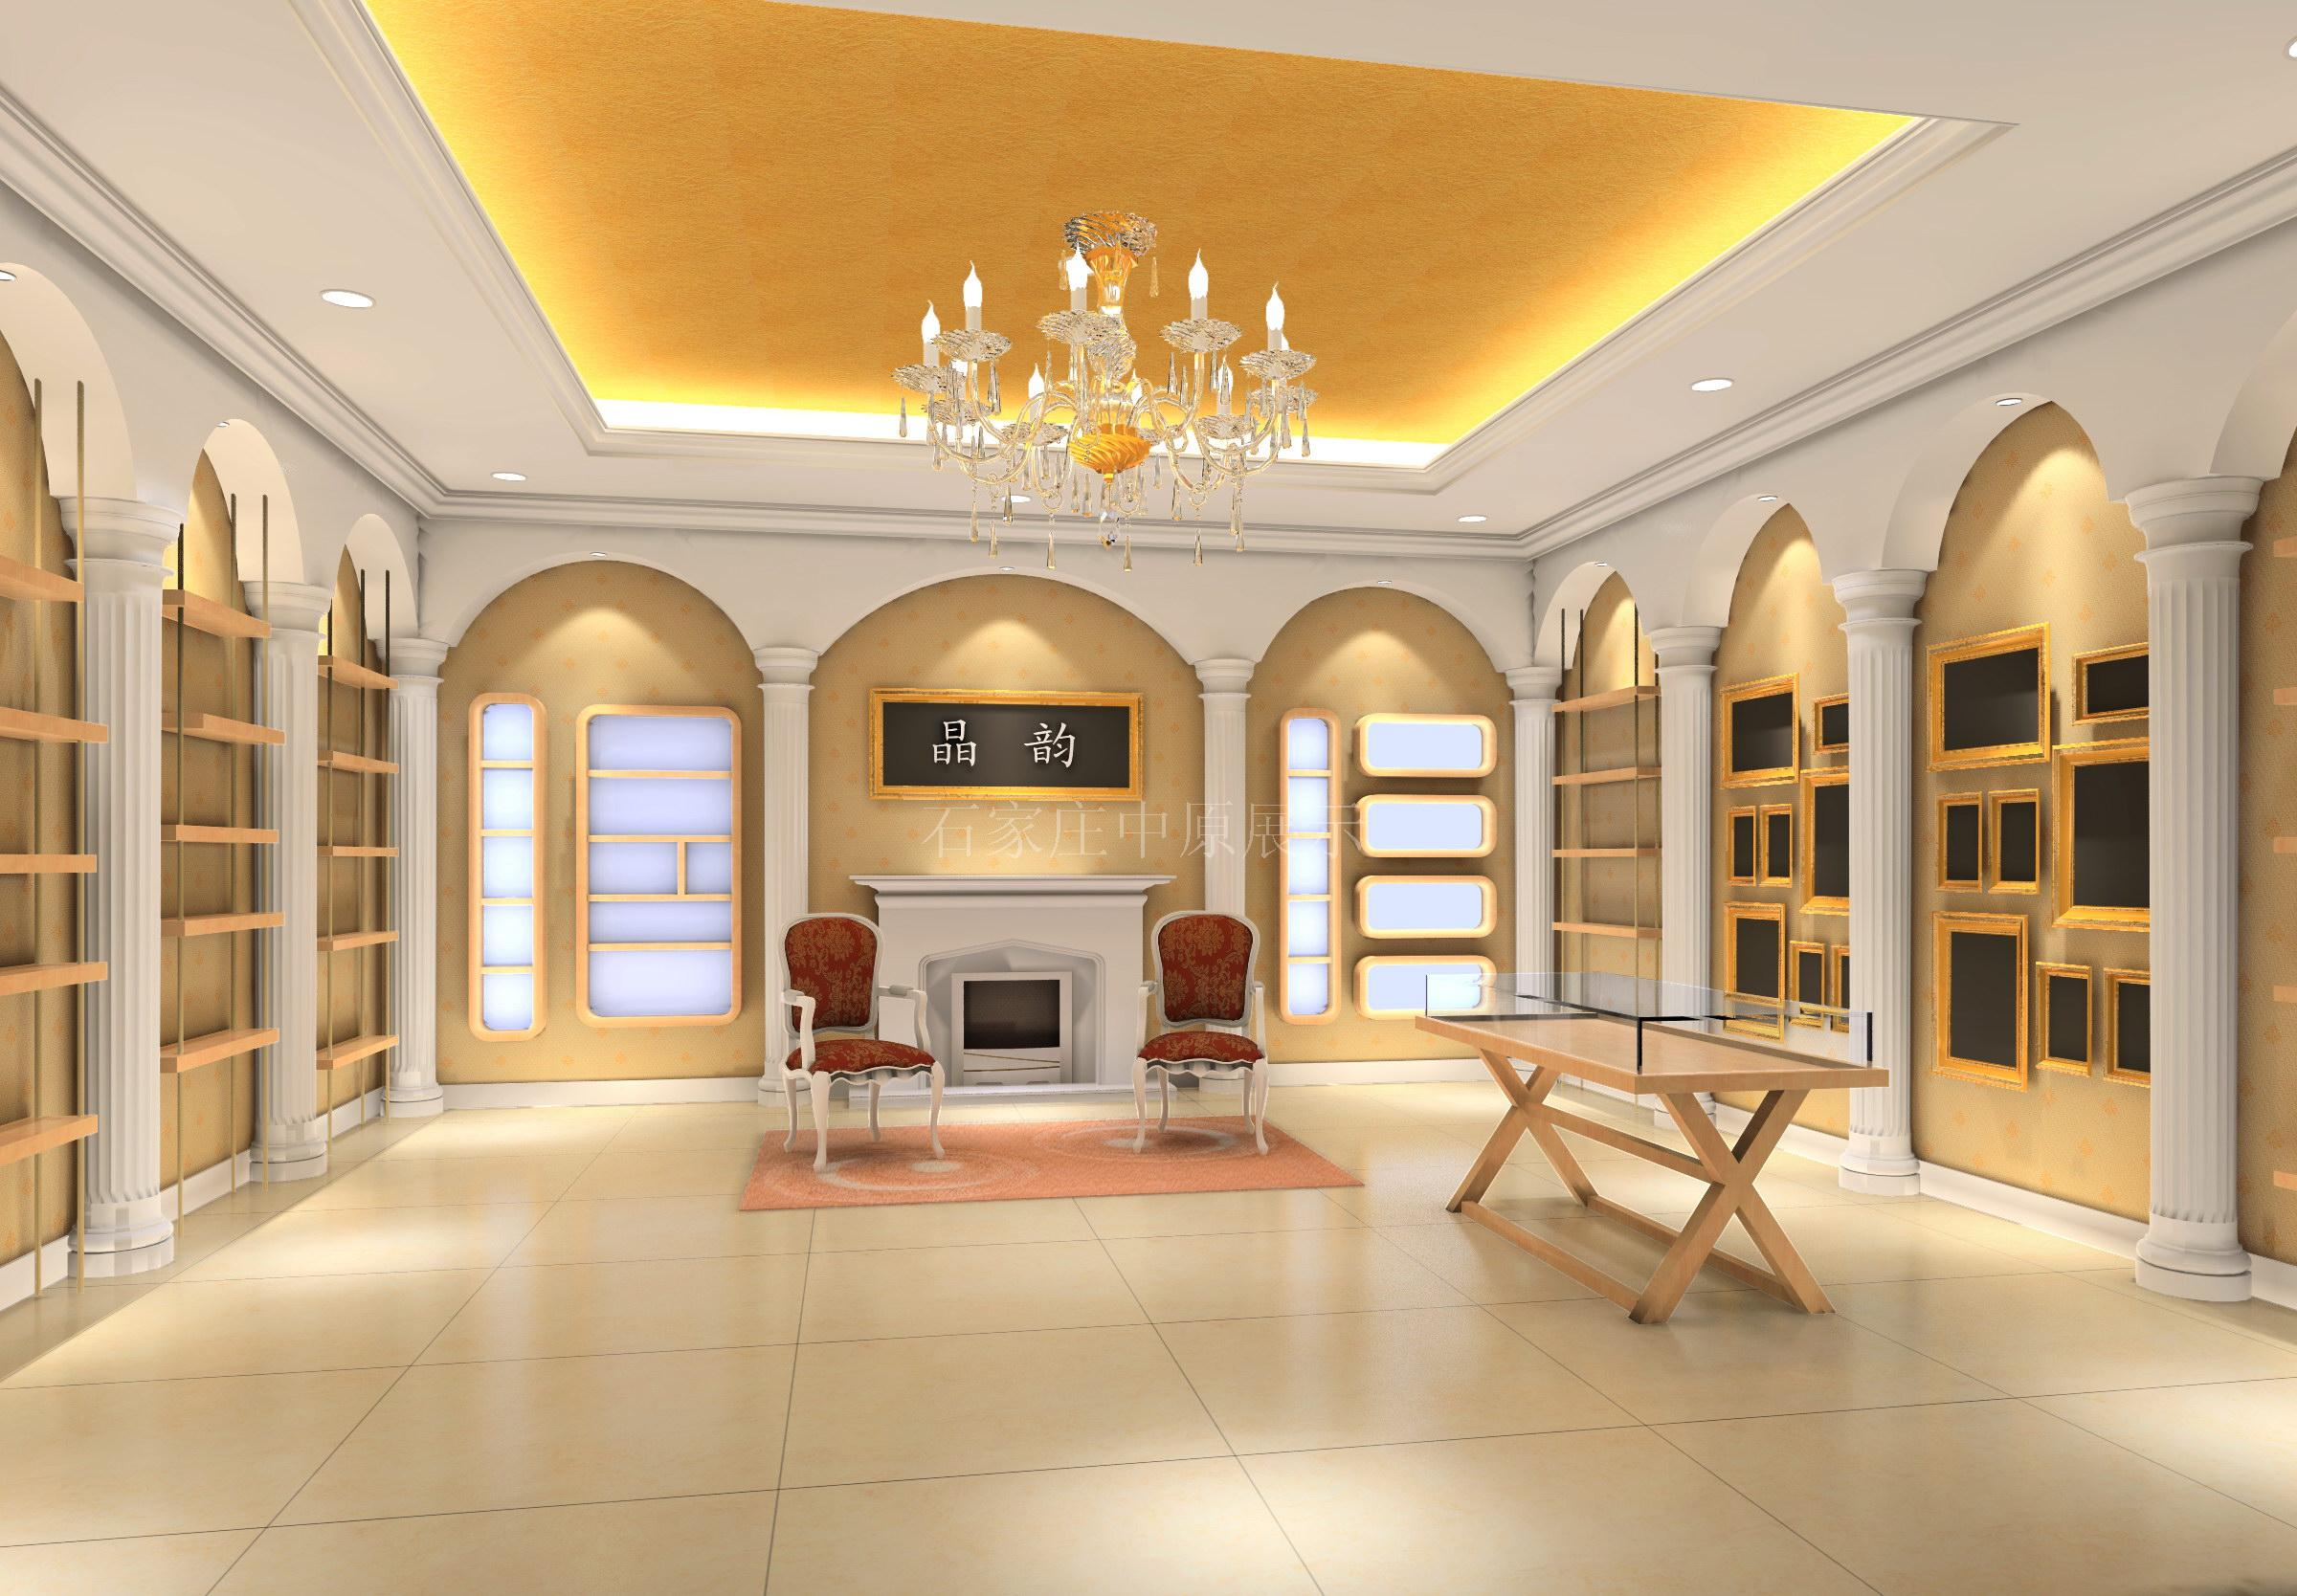 安装,效果图设计,烤漆柜台装修 石家庄至尚装饰工程有限公司 高清图片